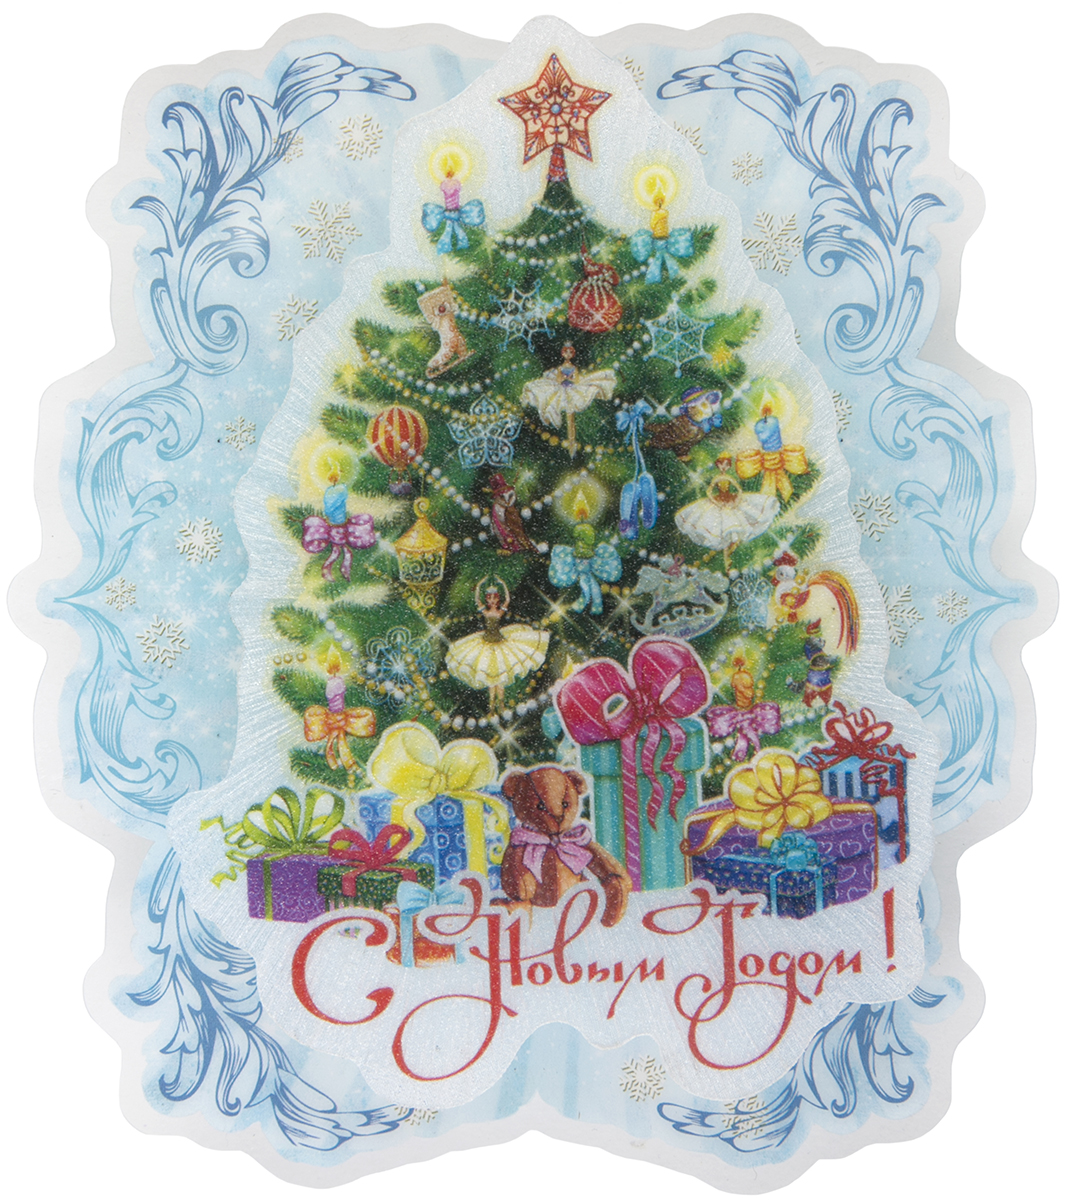 Новогоднее подвесное украшение Magic Time Пушистая елочка, с подсветкой76126Новогоднее украшение Magic Time со светодиодной подсветкой, выполненное из ПВХ, отлично подойдет для декорации вашего дома и новогодней ели. С помощью специальной петельки украшение можно повесить в любом понравившемся вам месте. Но, конечно, удачнее всего оно будет смотреться на праздничной елке.Елочная игрушка - символ Нового года. Она несет в себе волшебство и красоту праздника. Такое украшение создаст в вашем доме атмосферу праздника, веселья и радости.В комплекте элемент питания LR44, мощностью 0,06 Вт, напряжением 3 В.